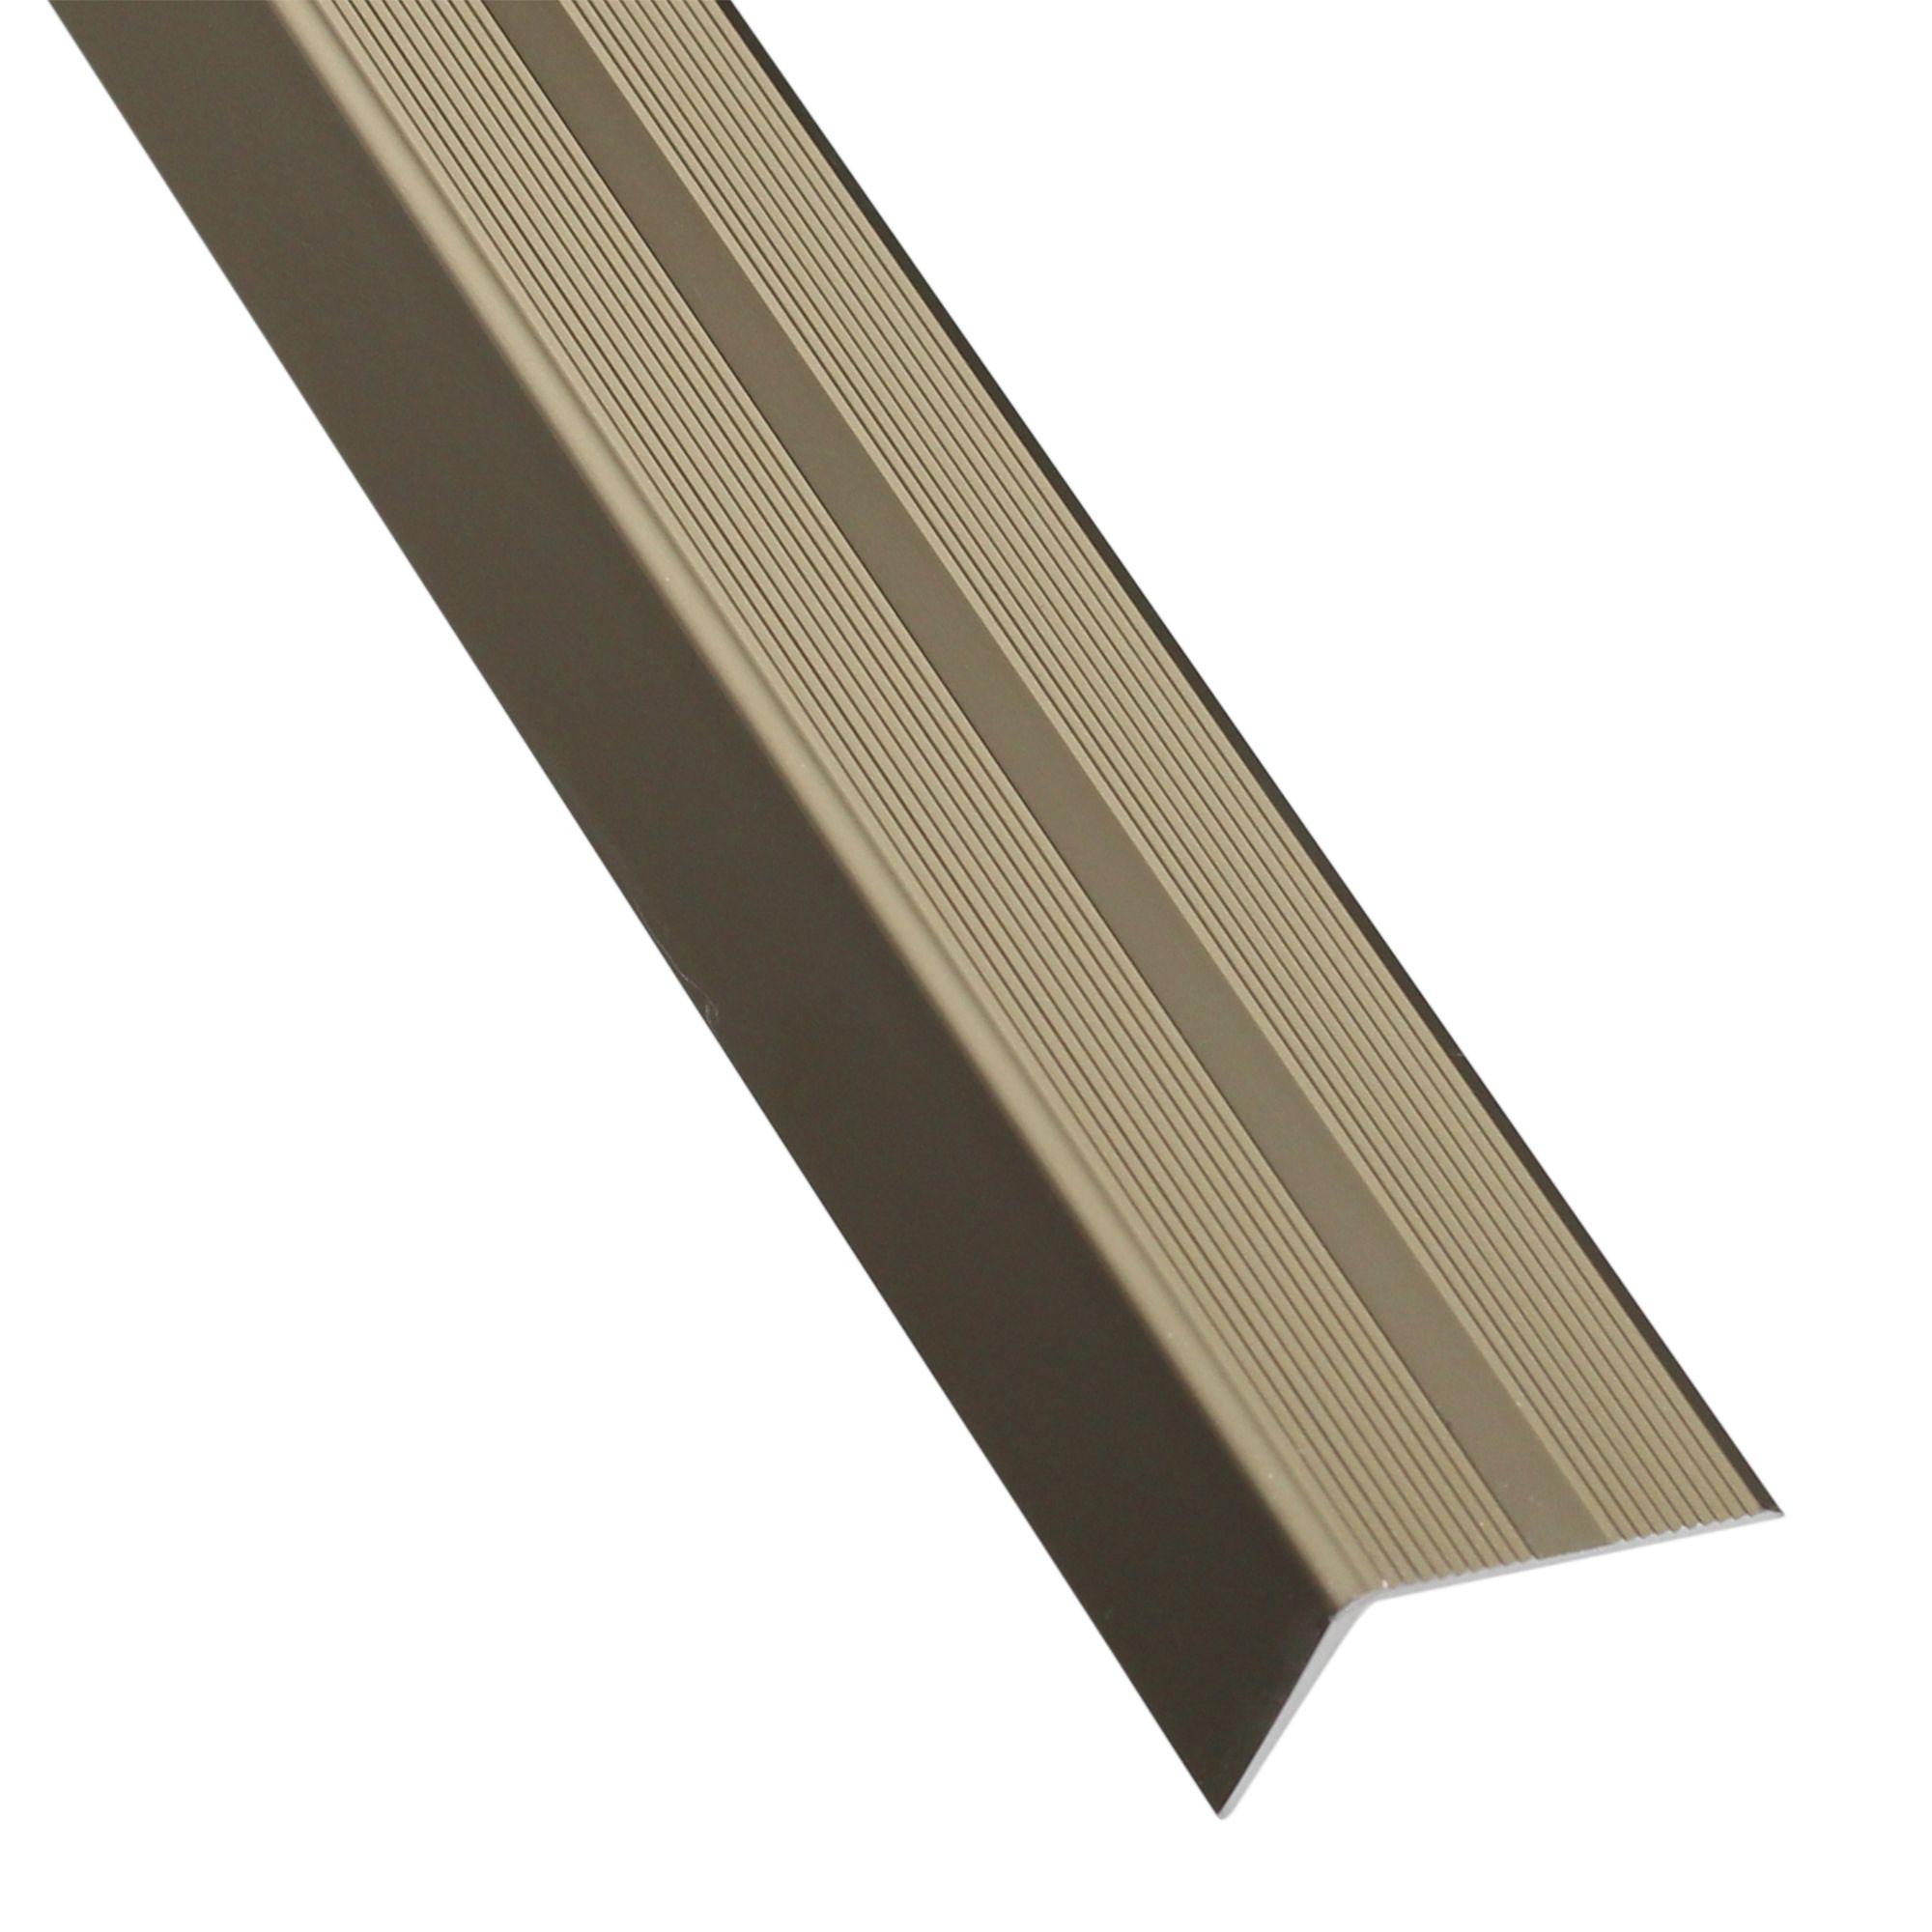 Nez De Marche Aluminium Mat Gris L 2 M X L 4 Cm X H 2 5 Cm Leroy Merlin En 2021 Nez De Marche Nez Mat